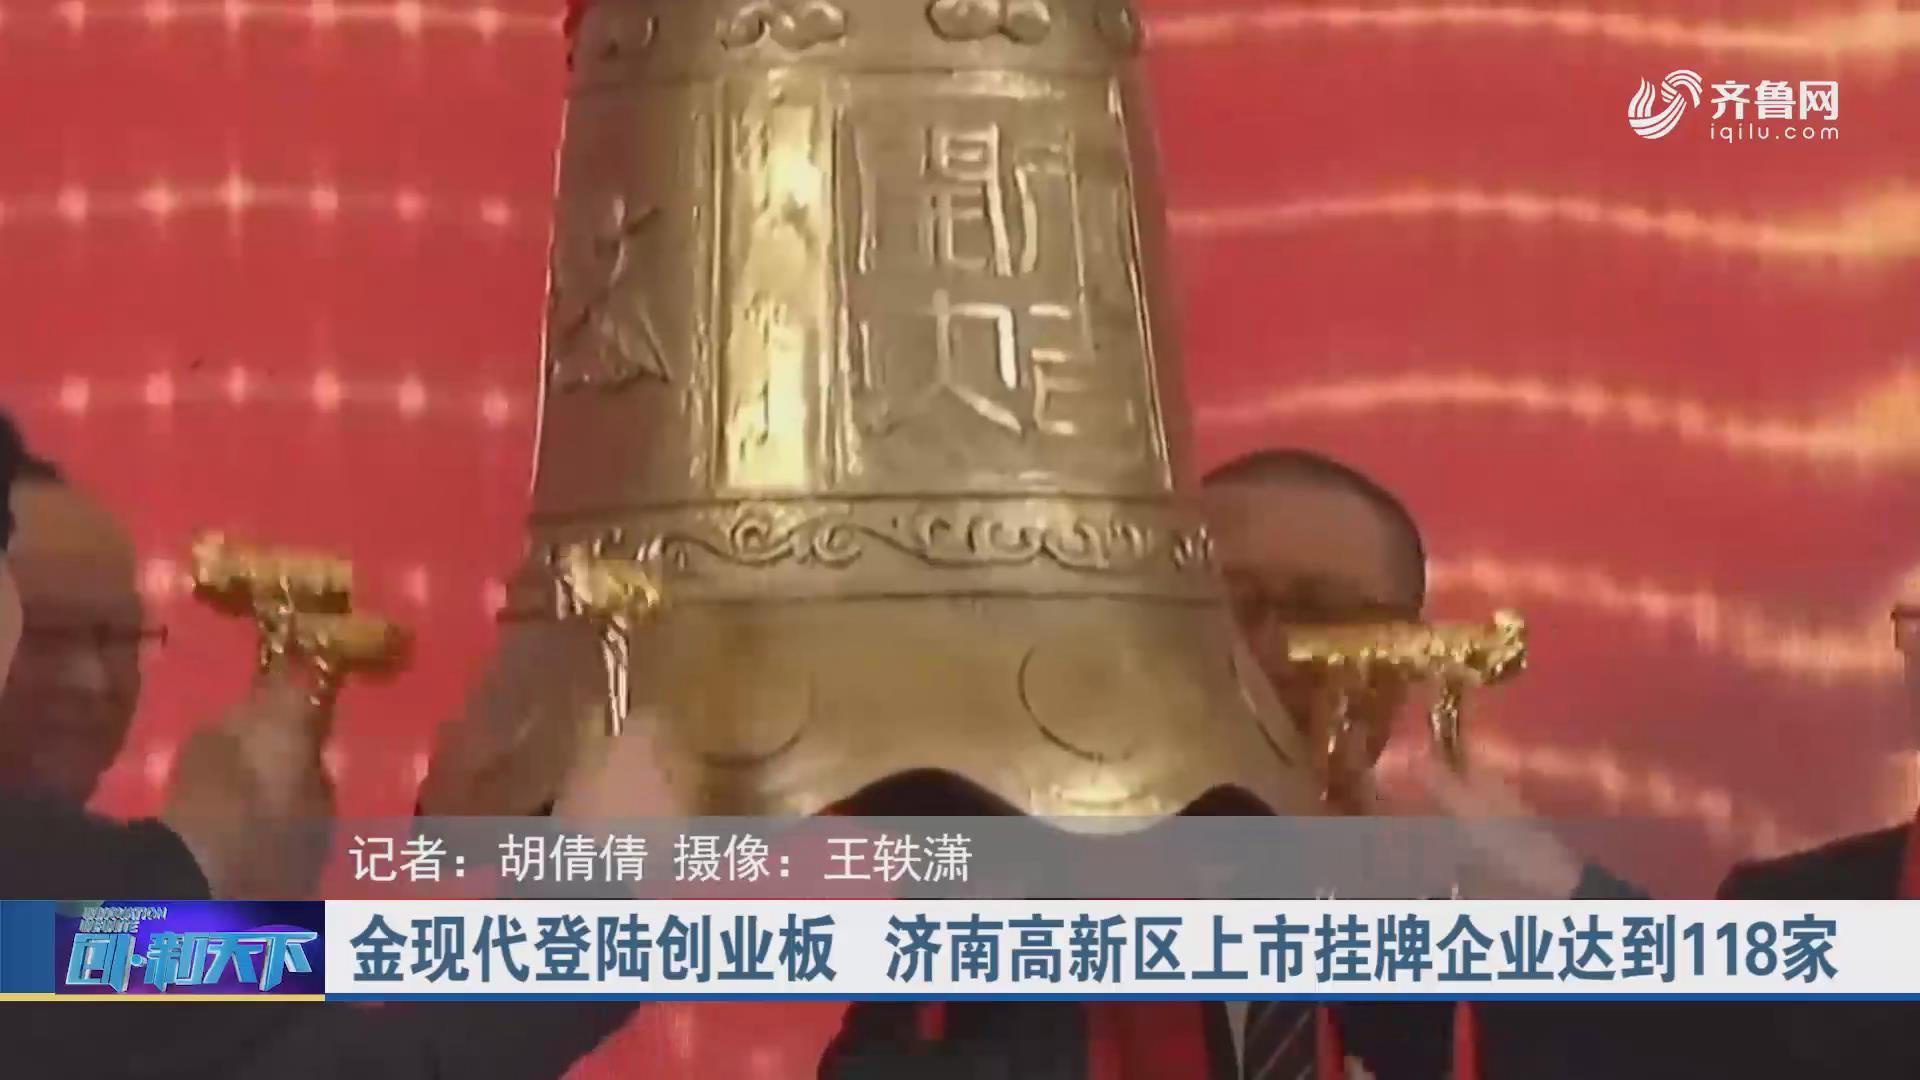 金现代登陆创业板 济南高新区上市挂牌企业达到118家